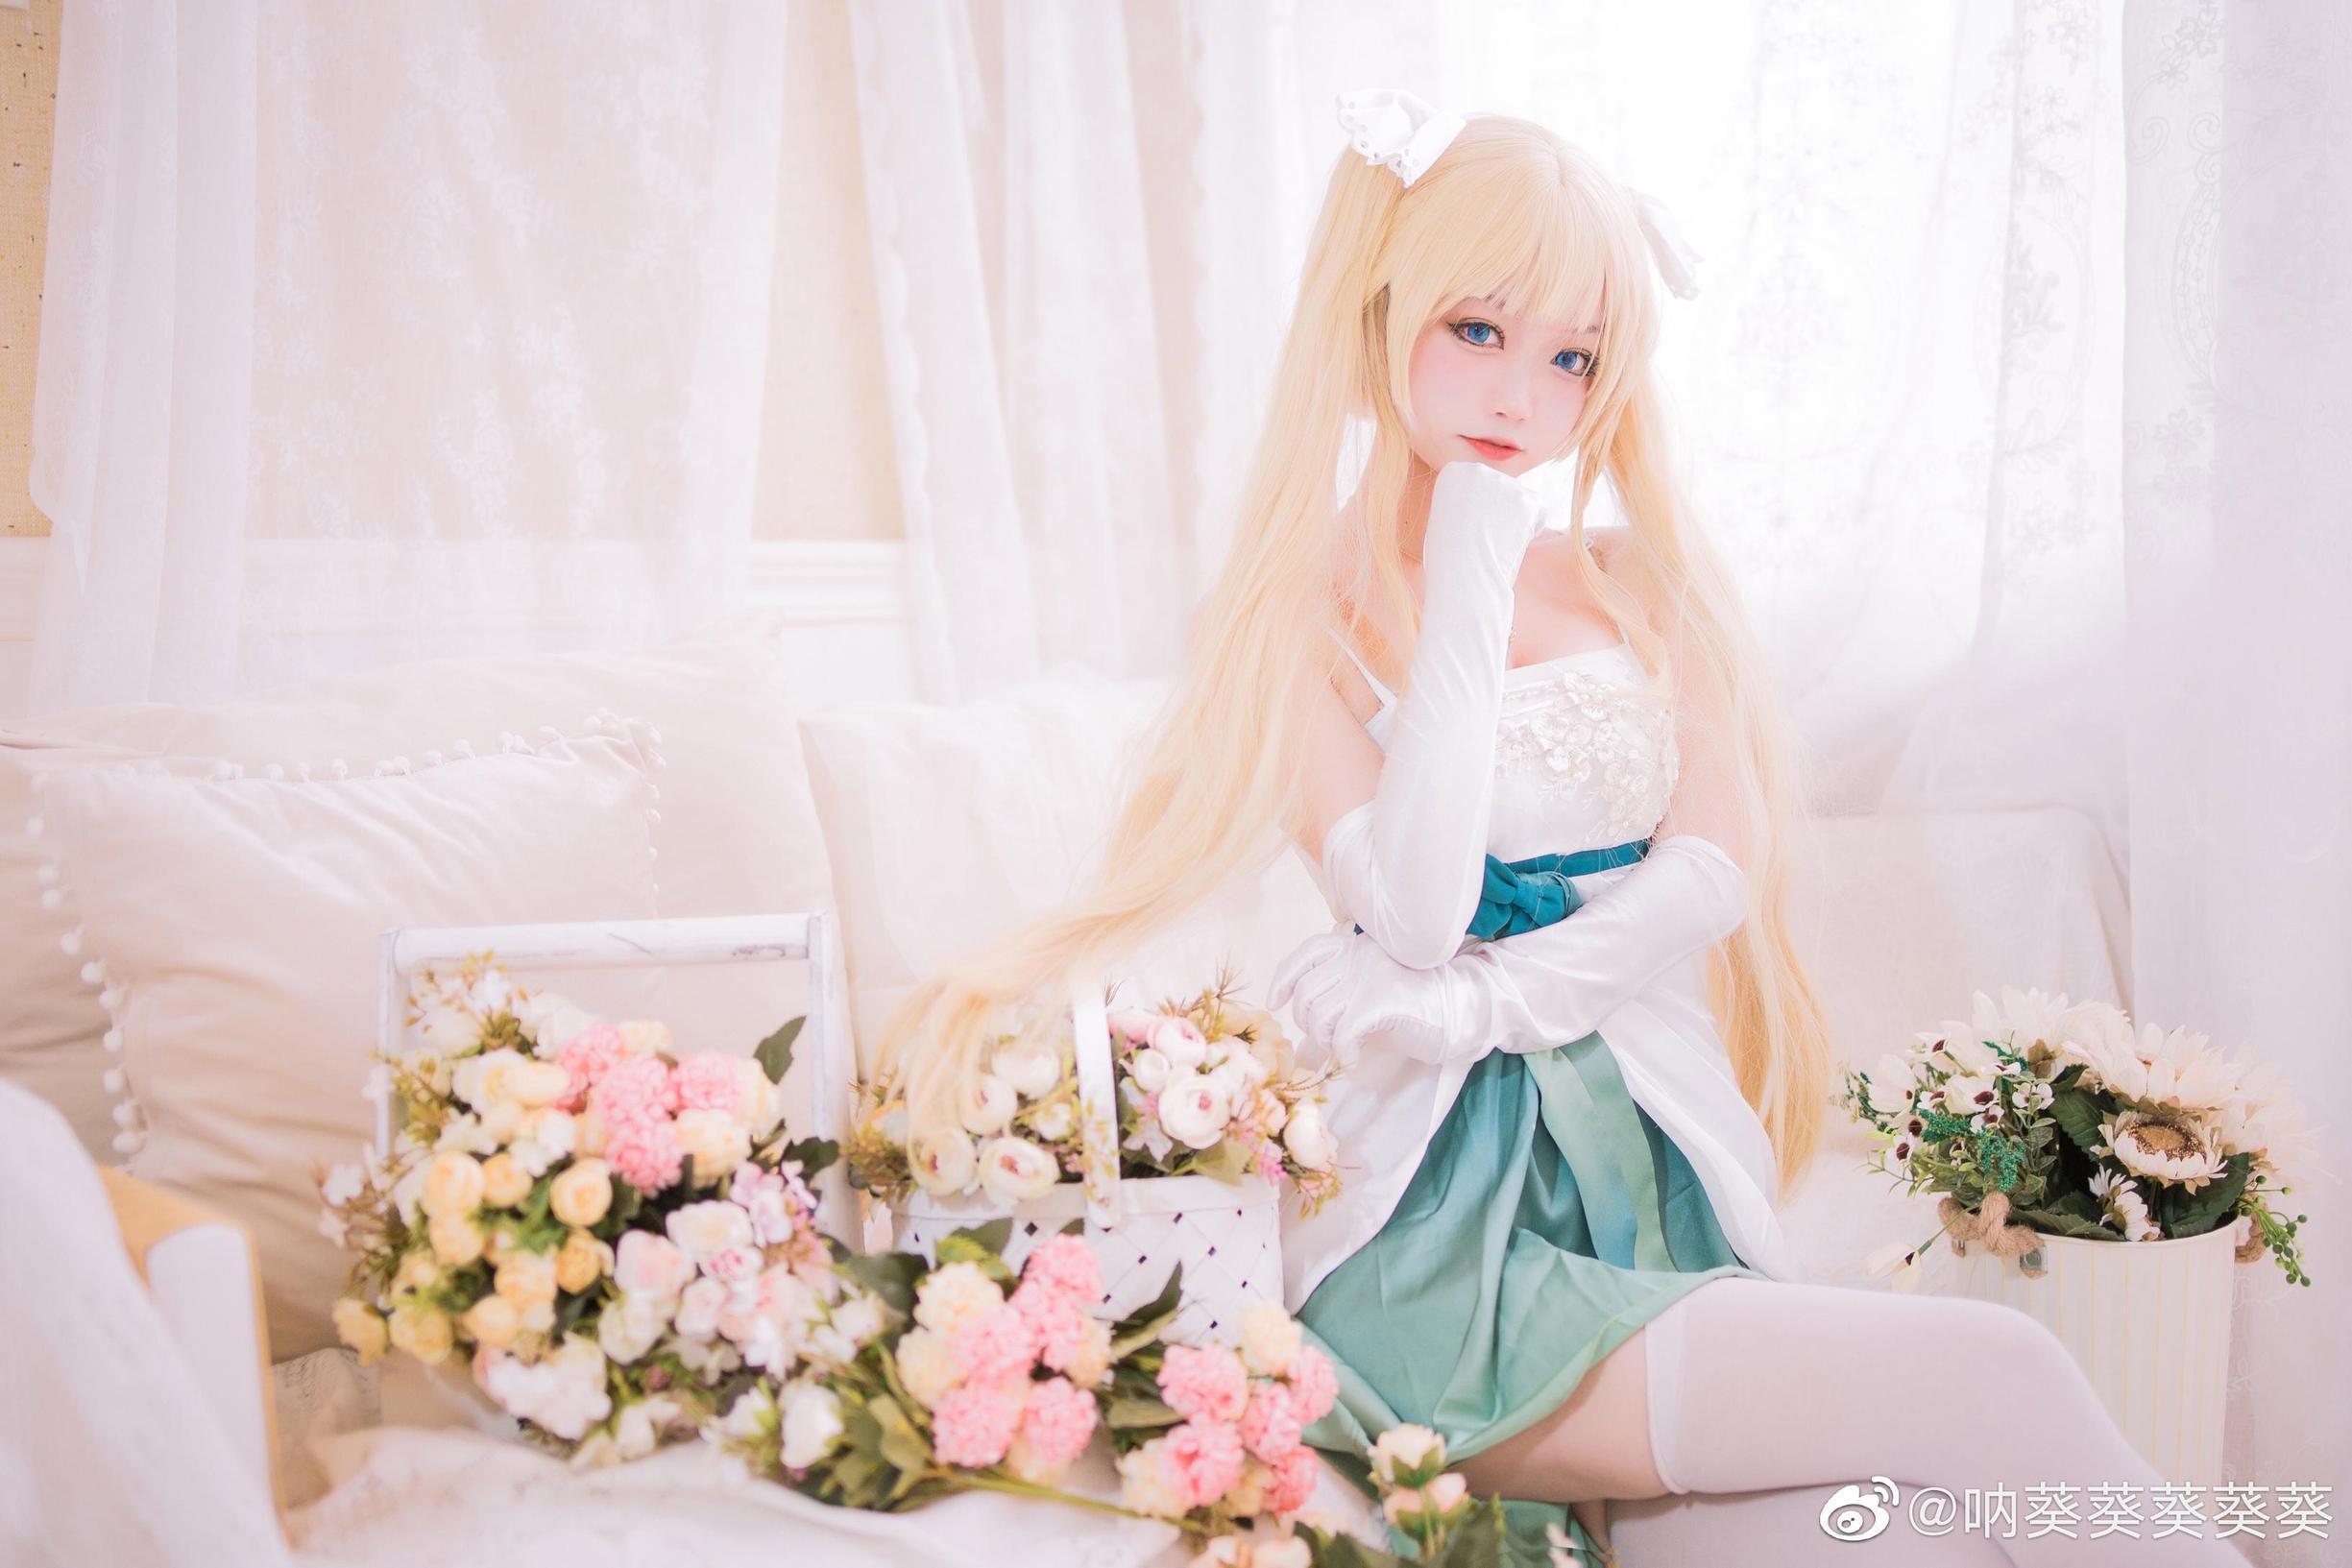 《路人女主的养成方法》正片cosplay【CN:超高校肥宅】-第1张